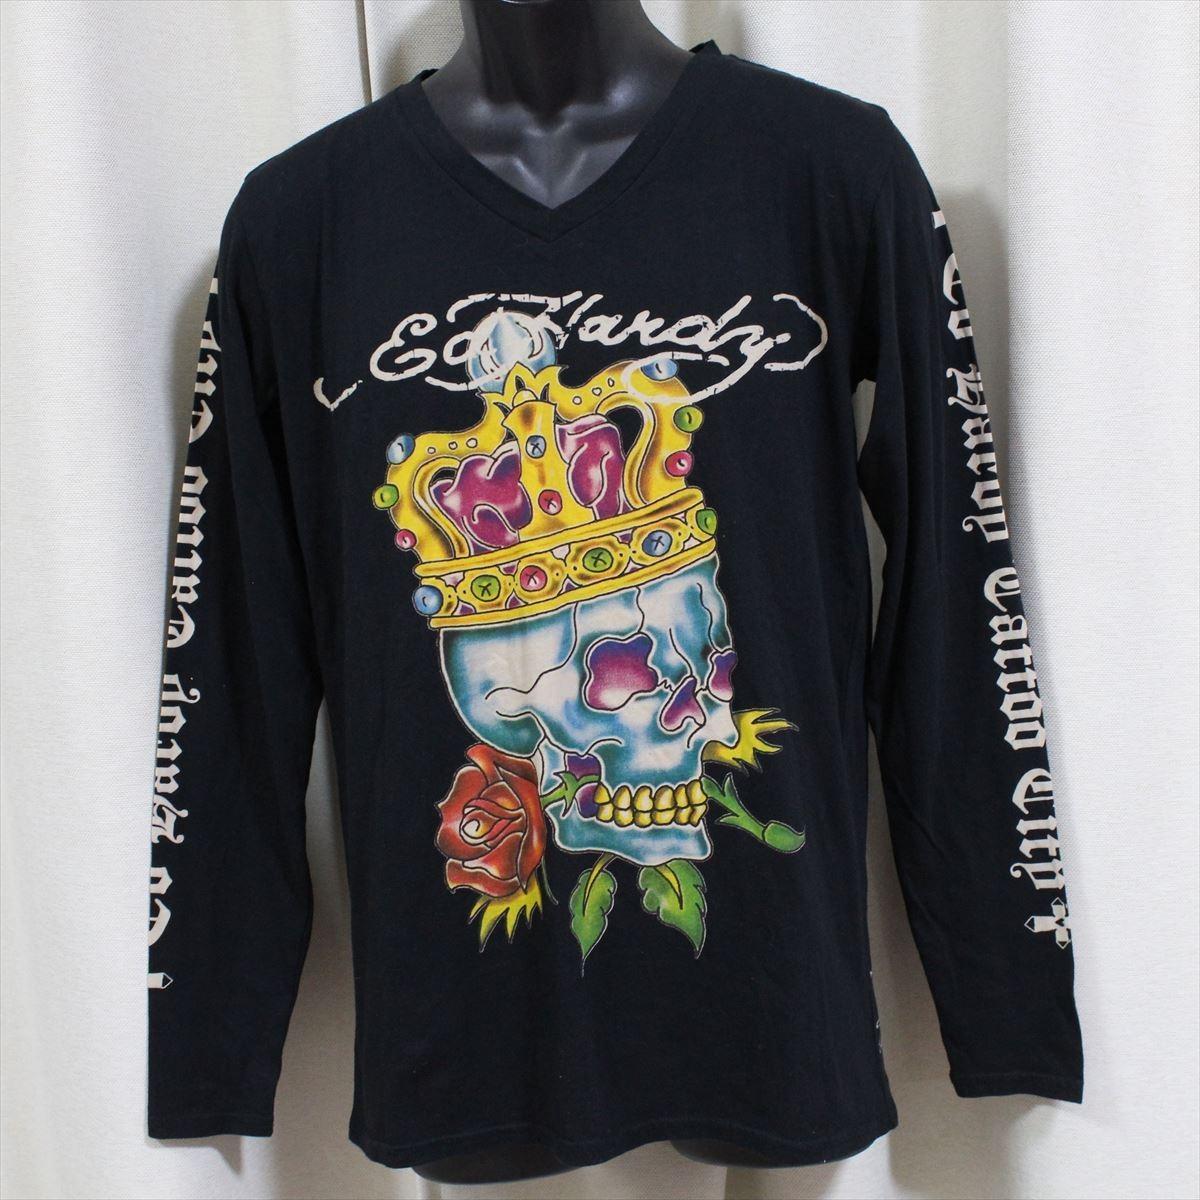 Ed Hardy(エドハーディー) メンズ長袖Tシャツ M03GTC302 ブラック 新品 黒色 Mサイズ_画像1